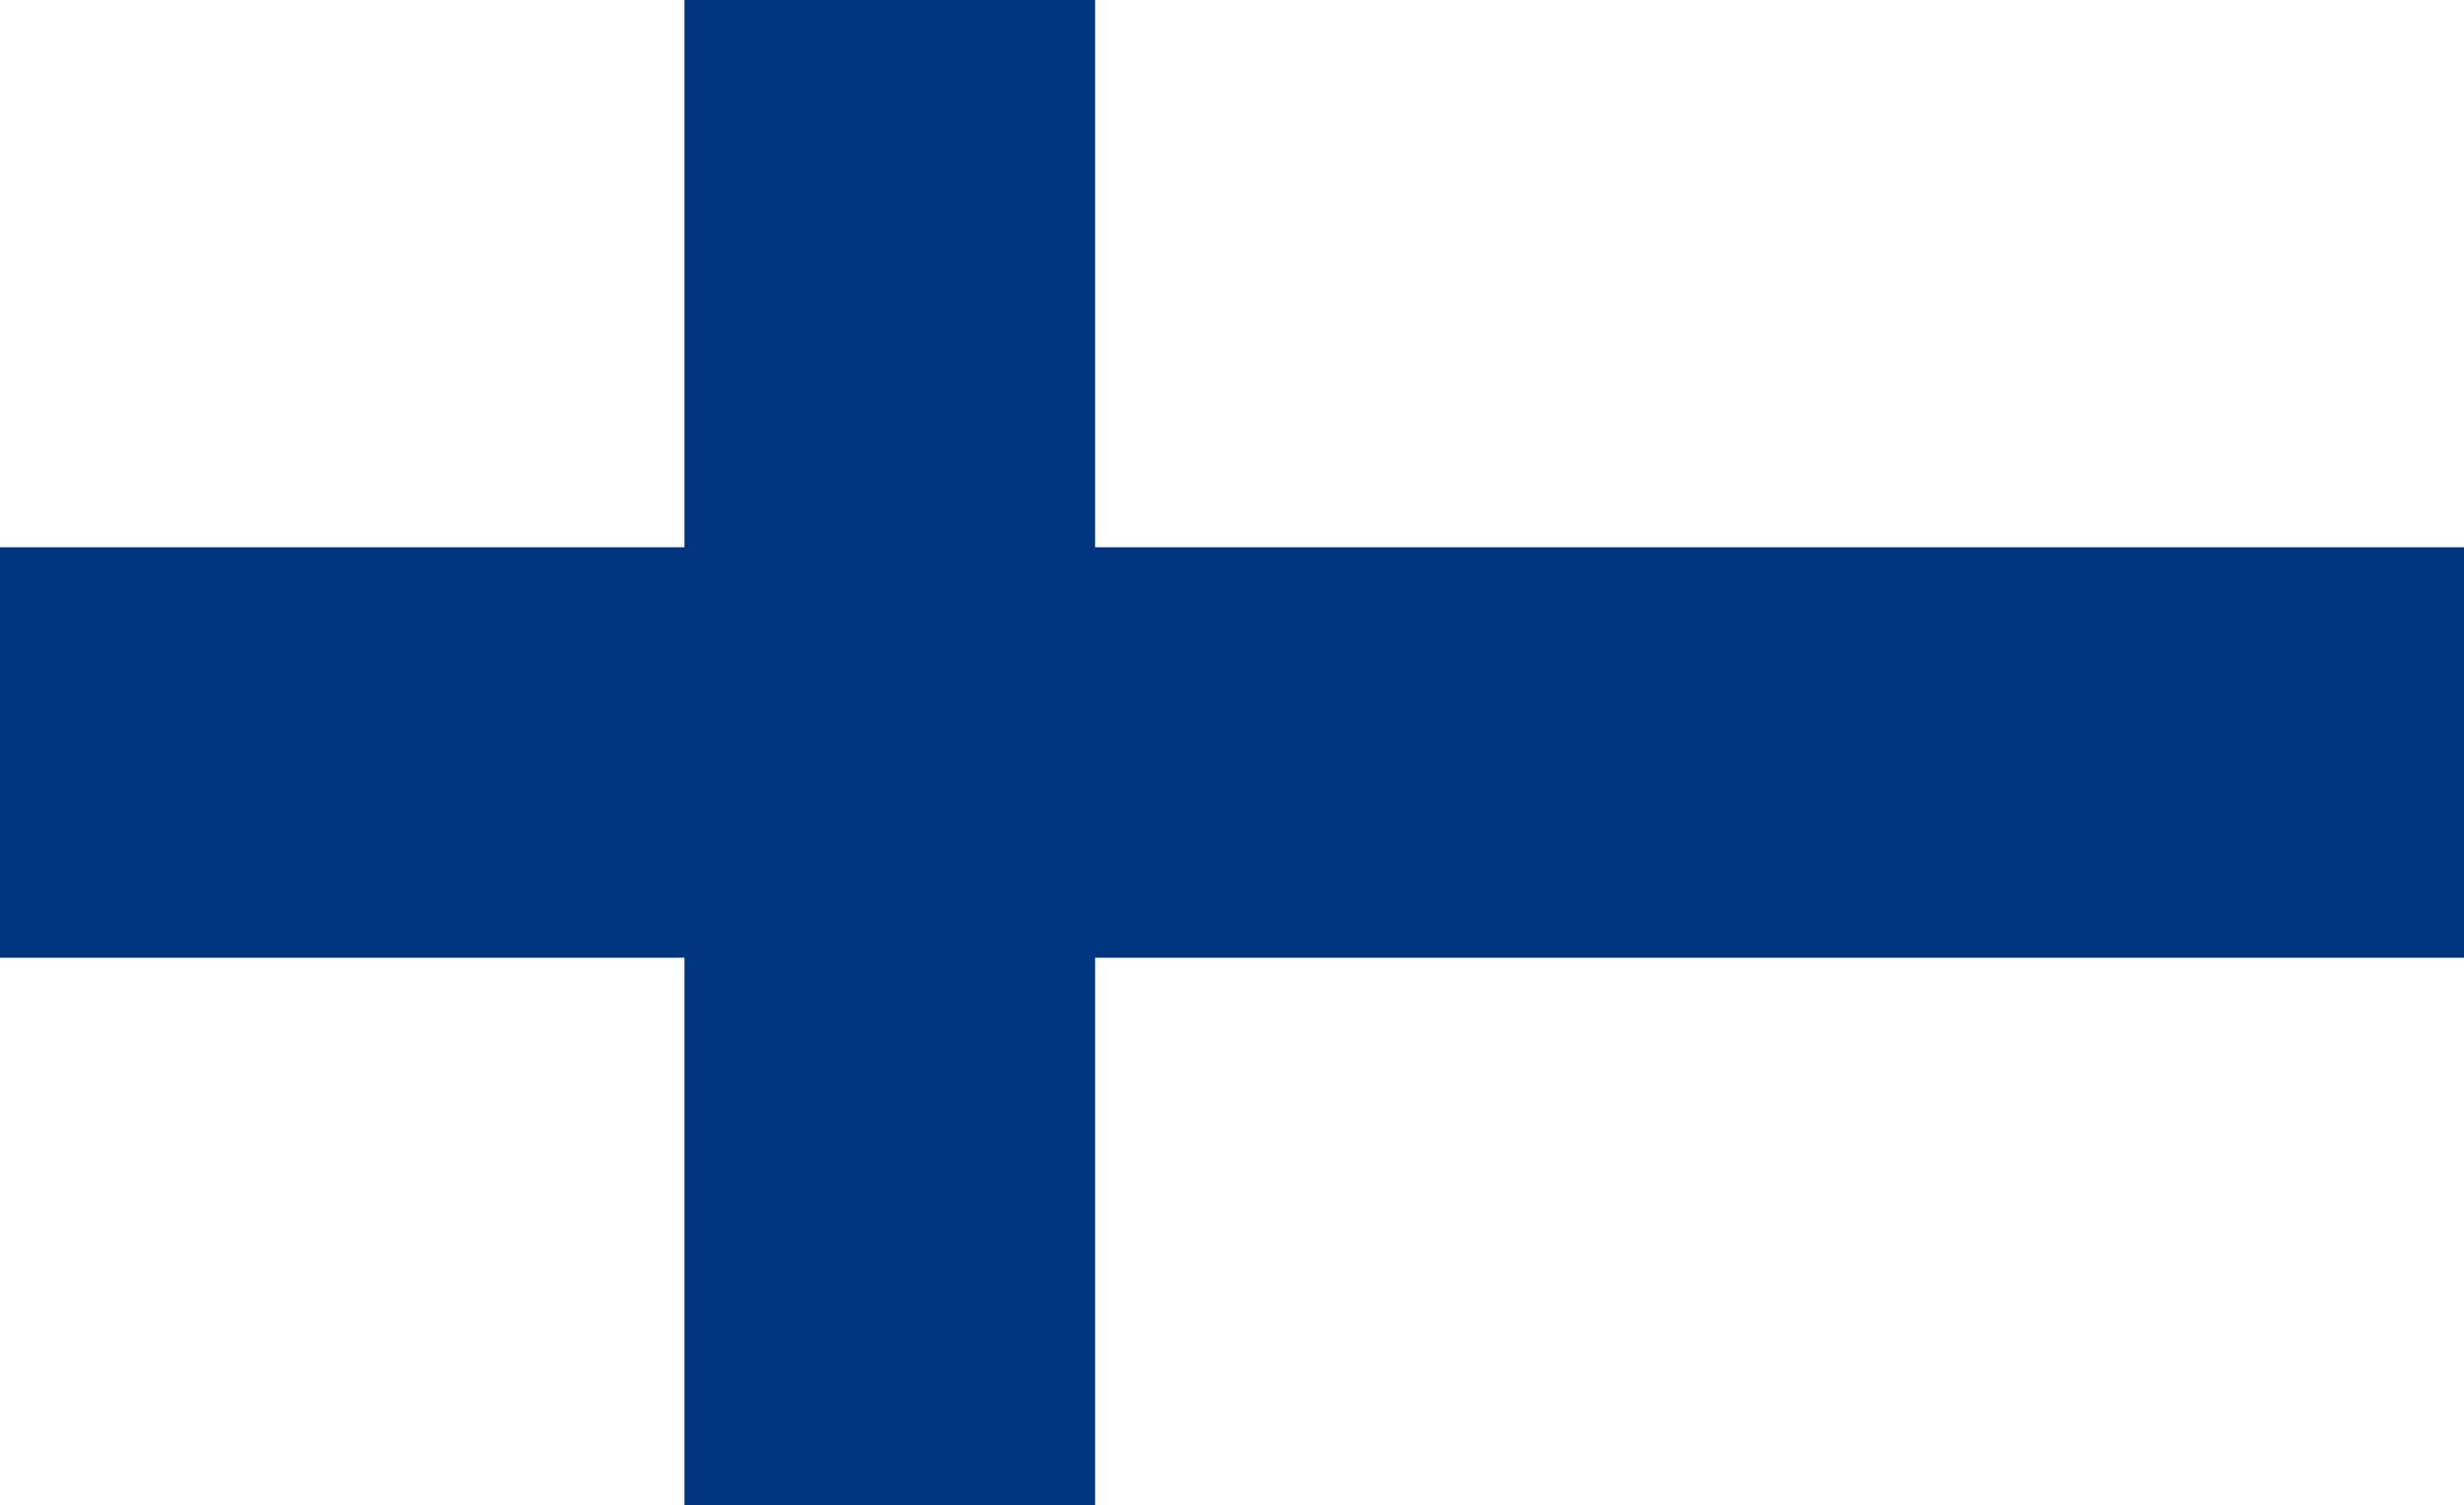 Finlandia jako pierwszy kraj na świecie wprowadzi bezwarunkowy dochód podstawowy